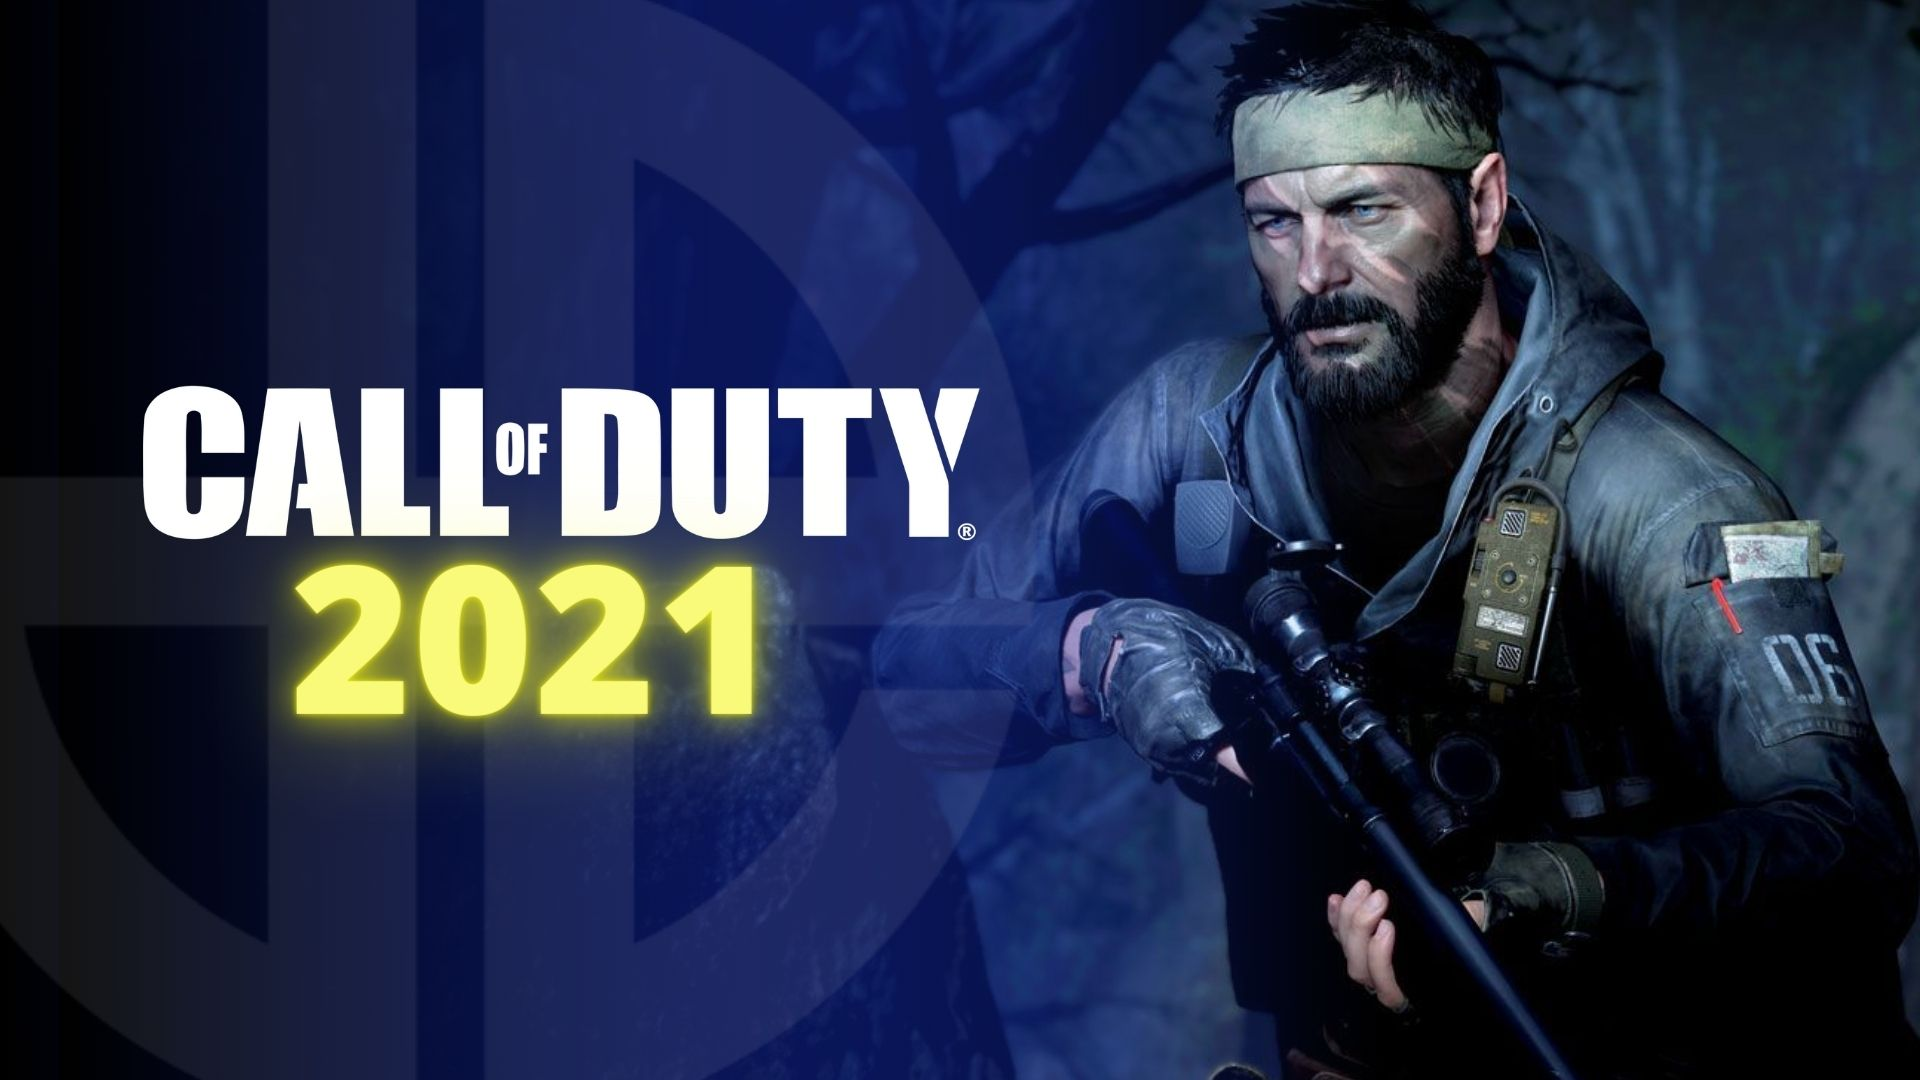 O próximo Call OF Duty está condenado a ser um desastre, ao menos é isso que os maiores leakers e até mesmo jornalistas vem relatando.